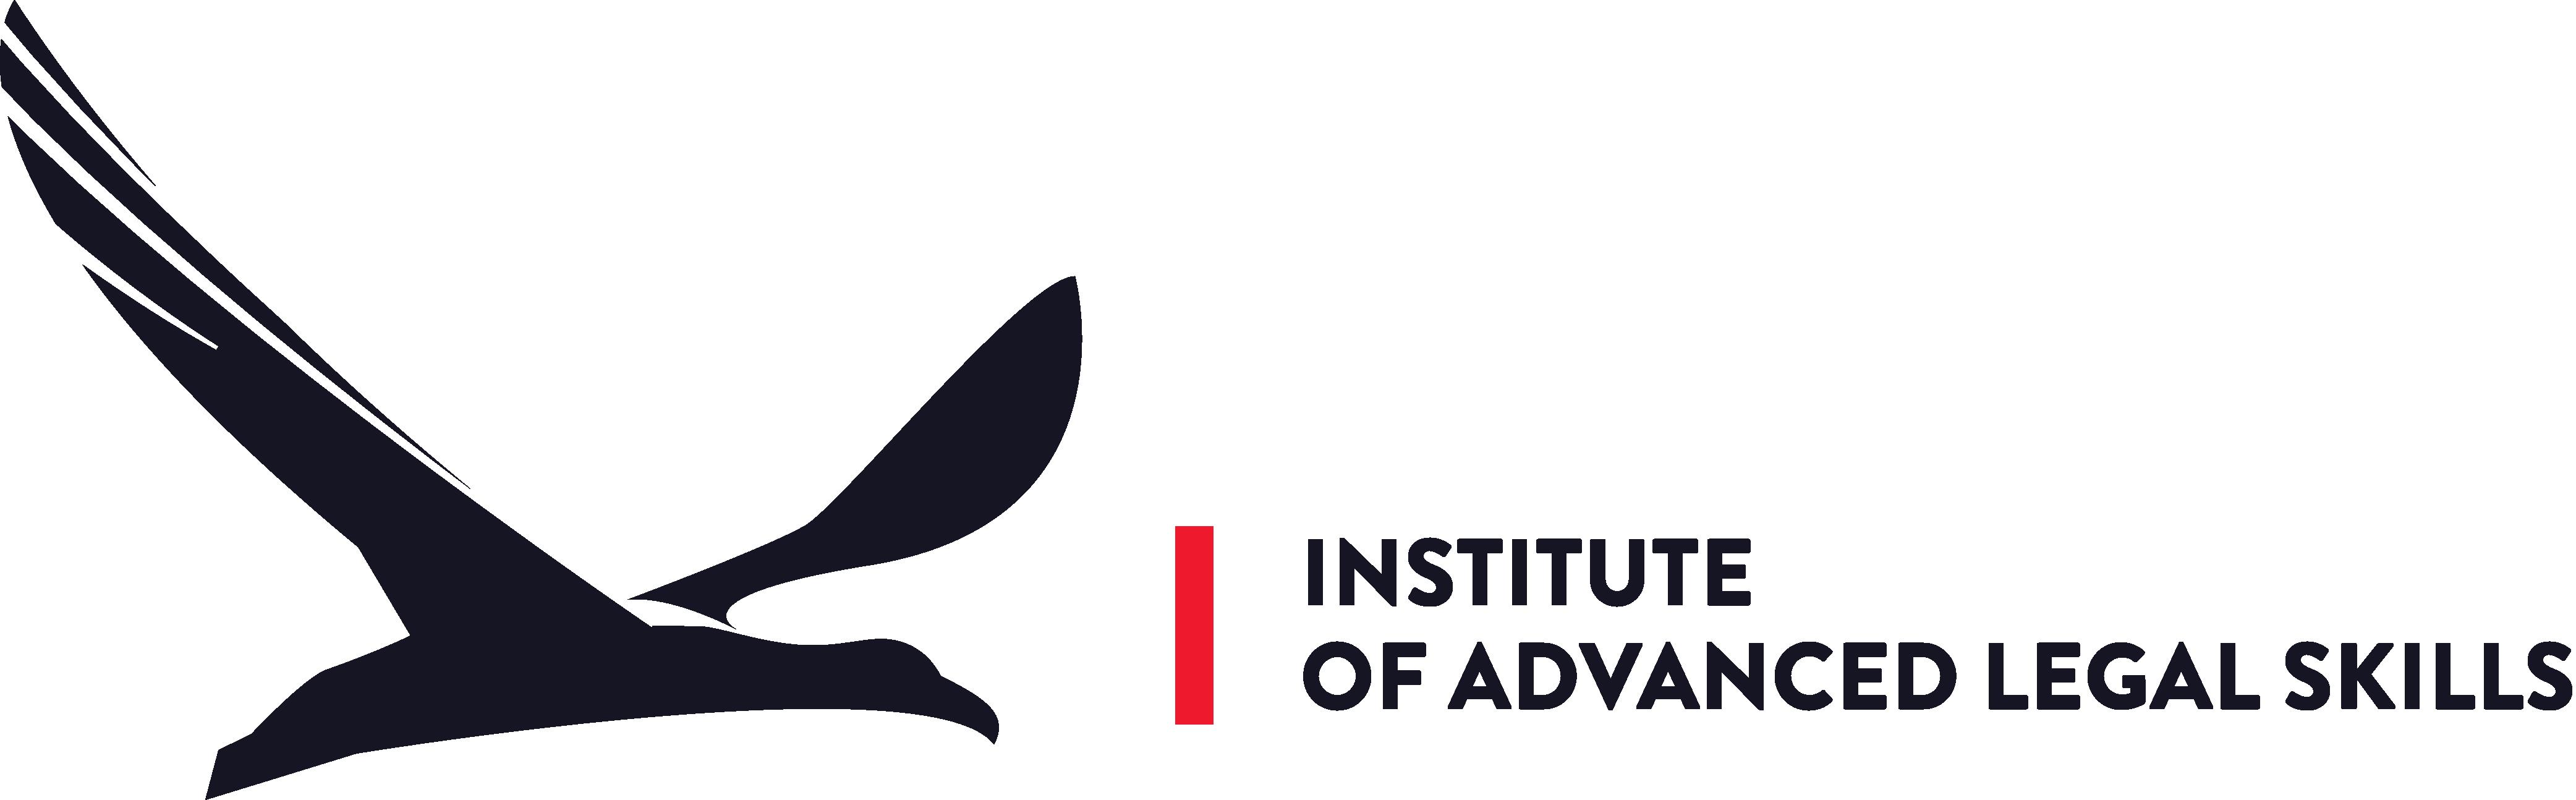 ials logo 01